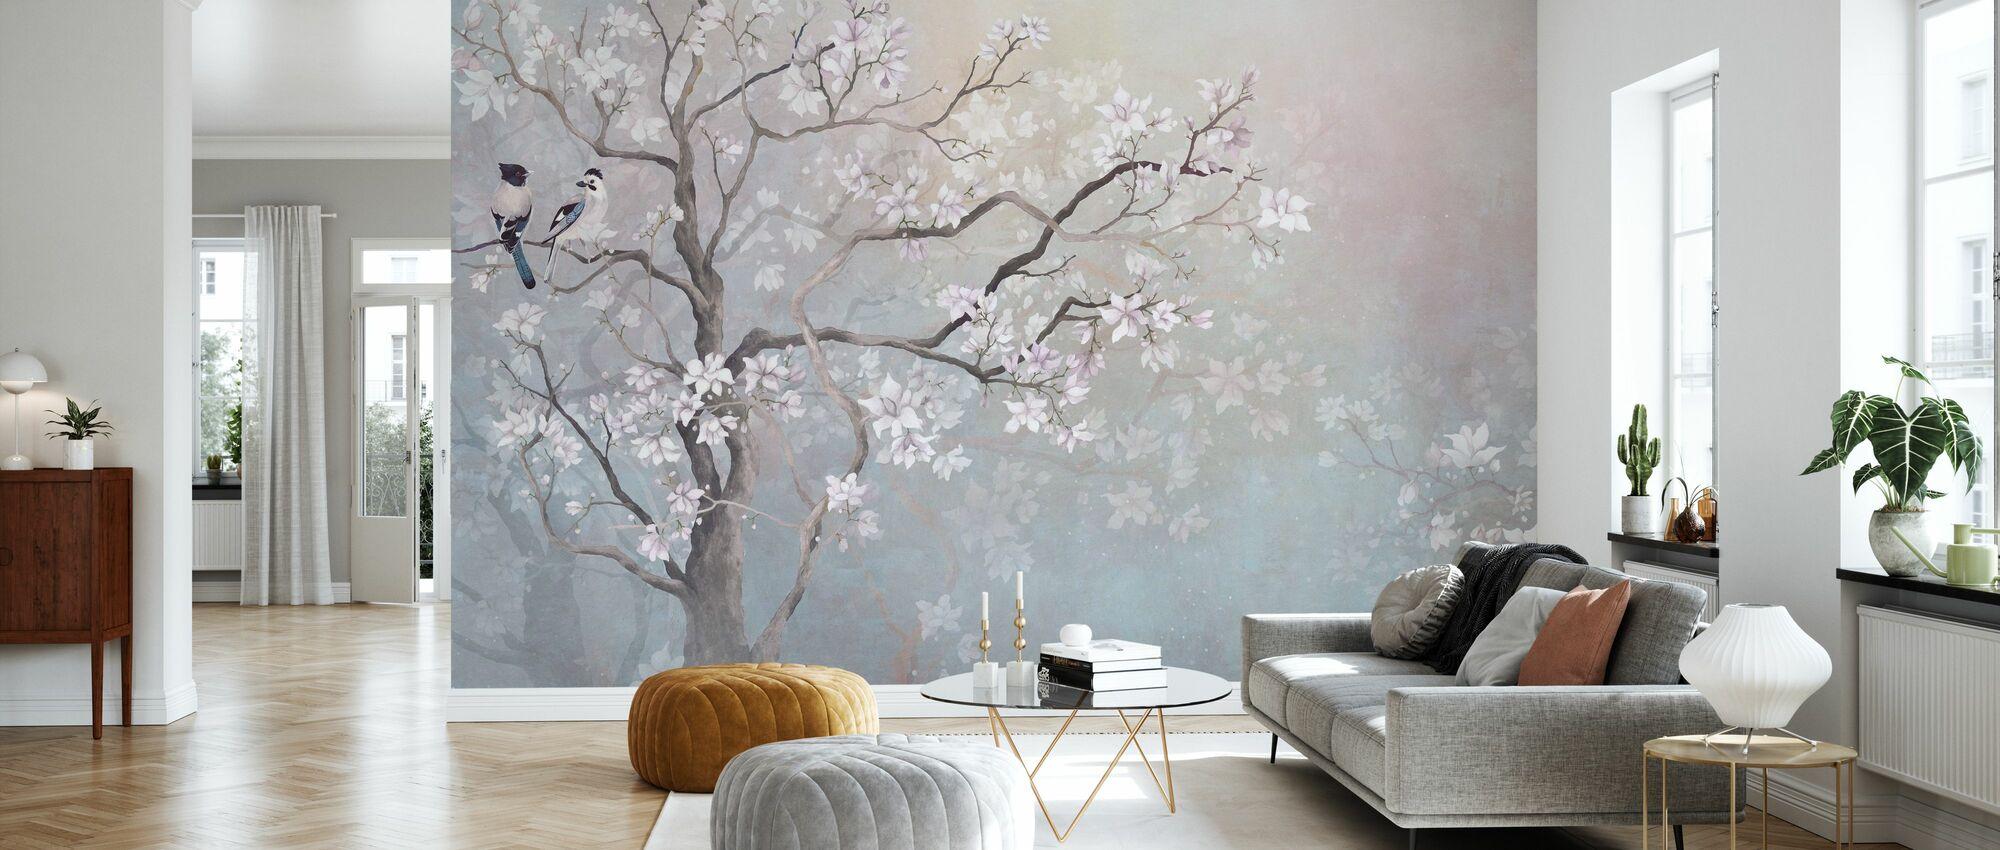 Best Friends Branch III - Wallpaper - Living Room